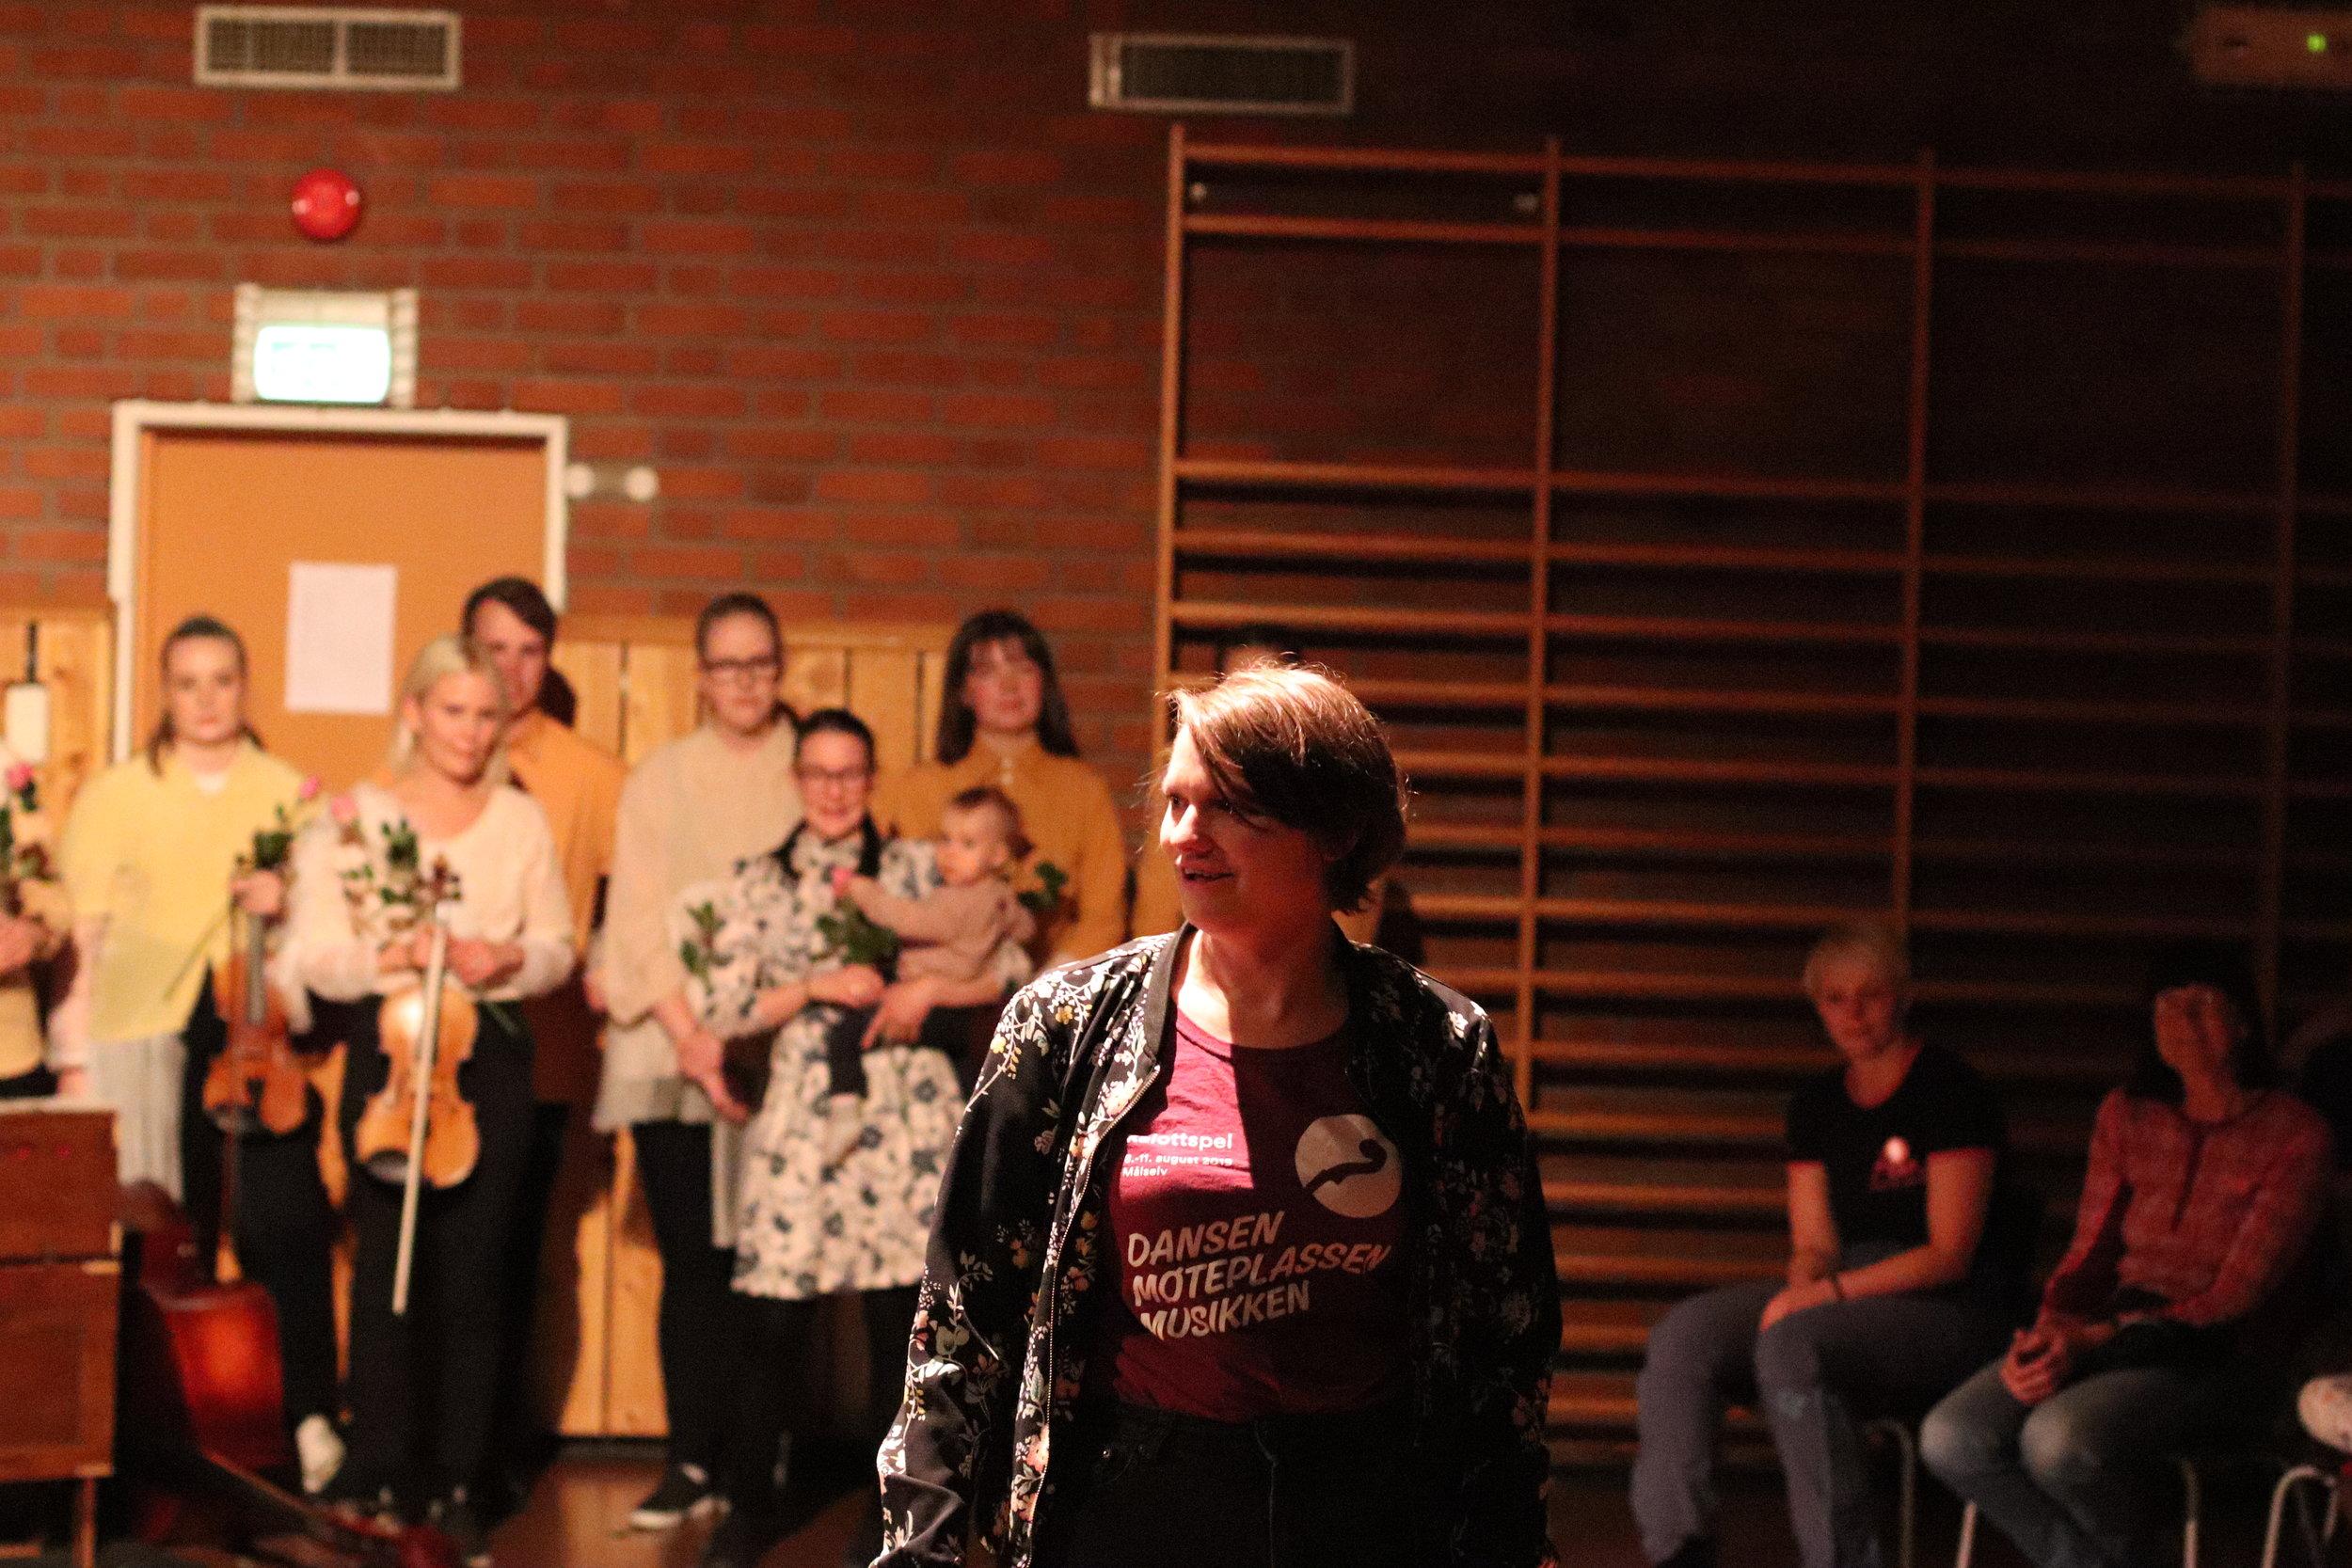 IMG_8351 Takk, Nina Fjellet, Kalottspel.JPG